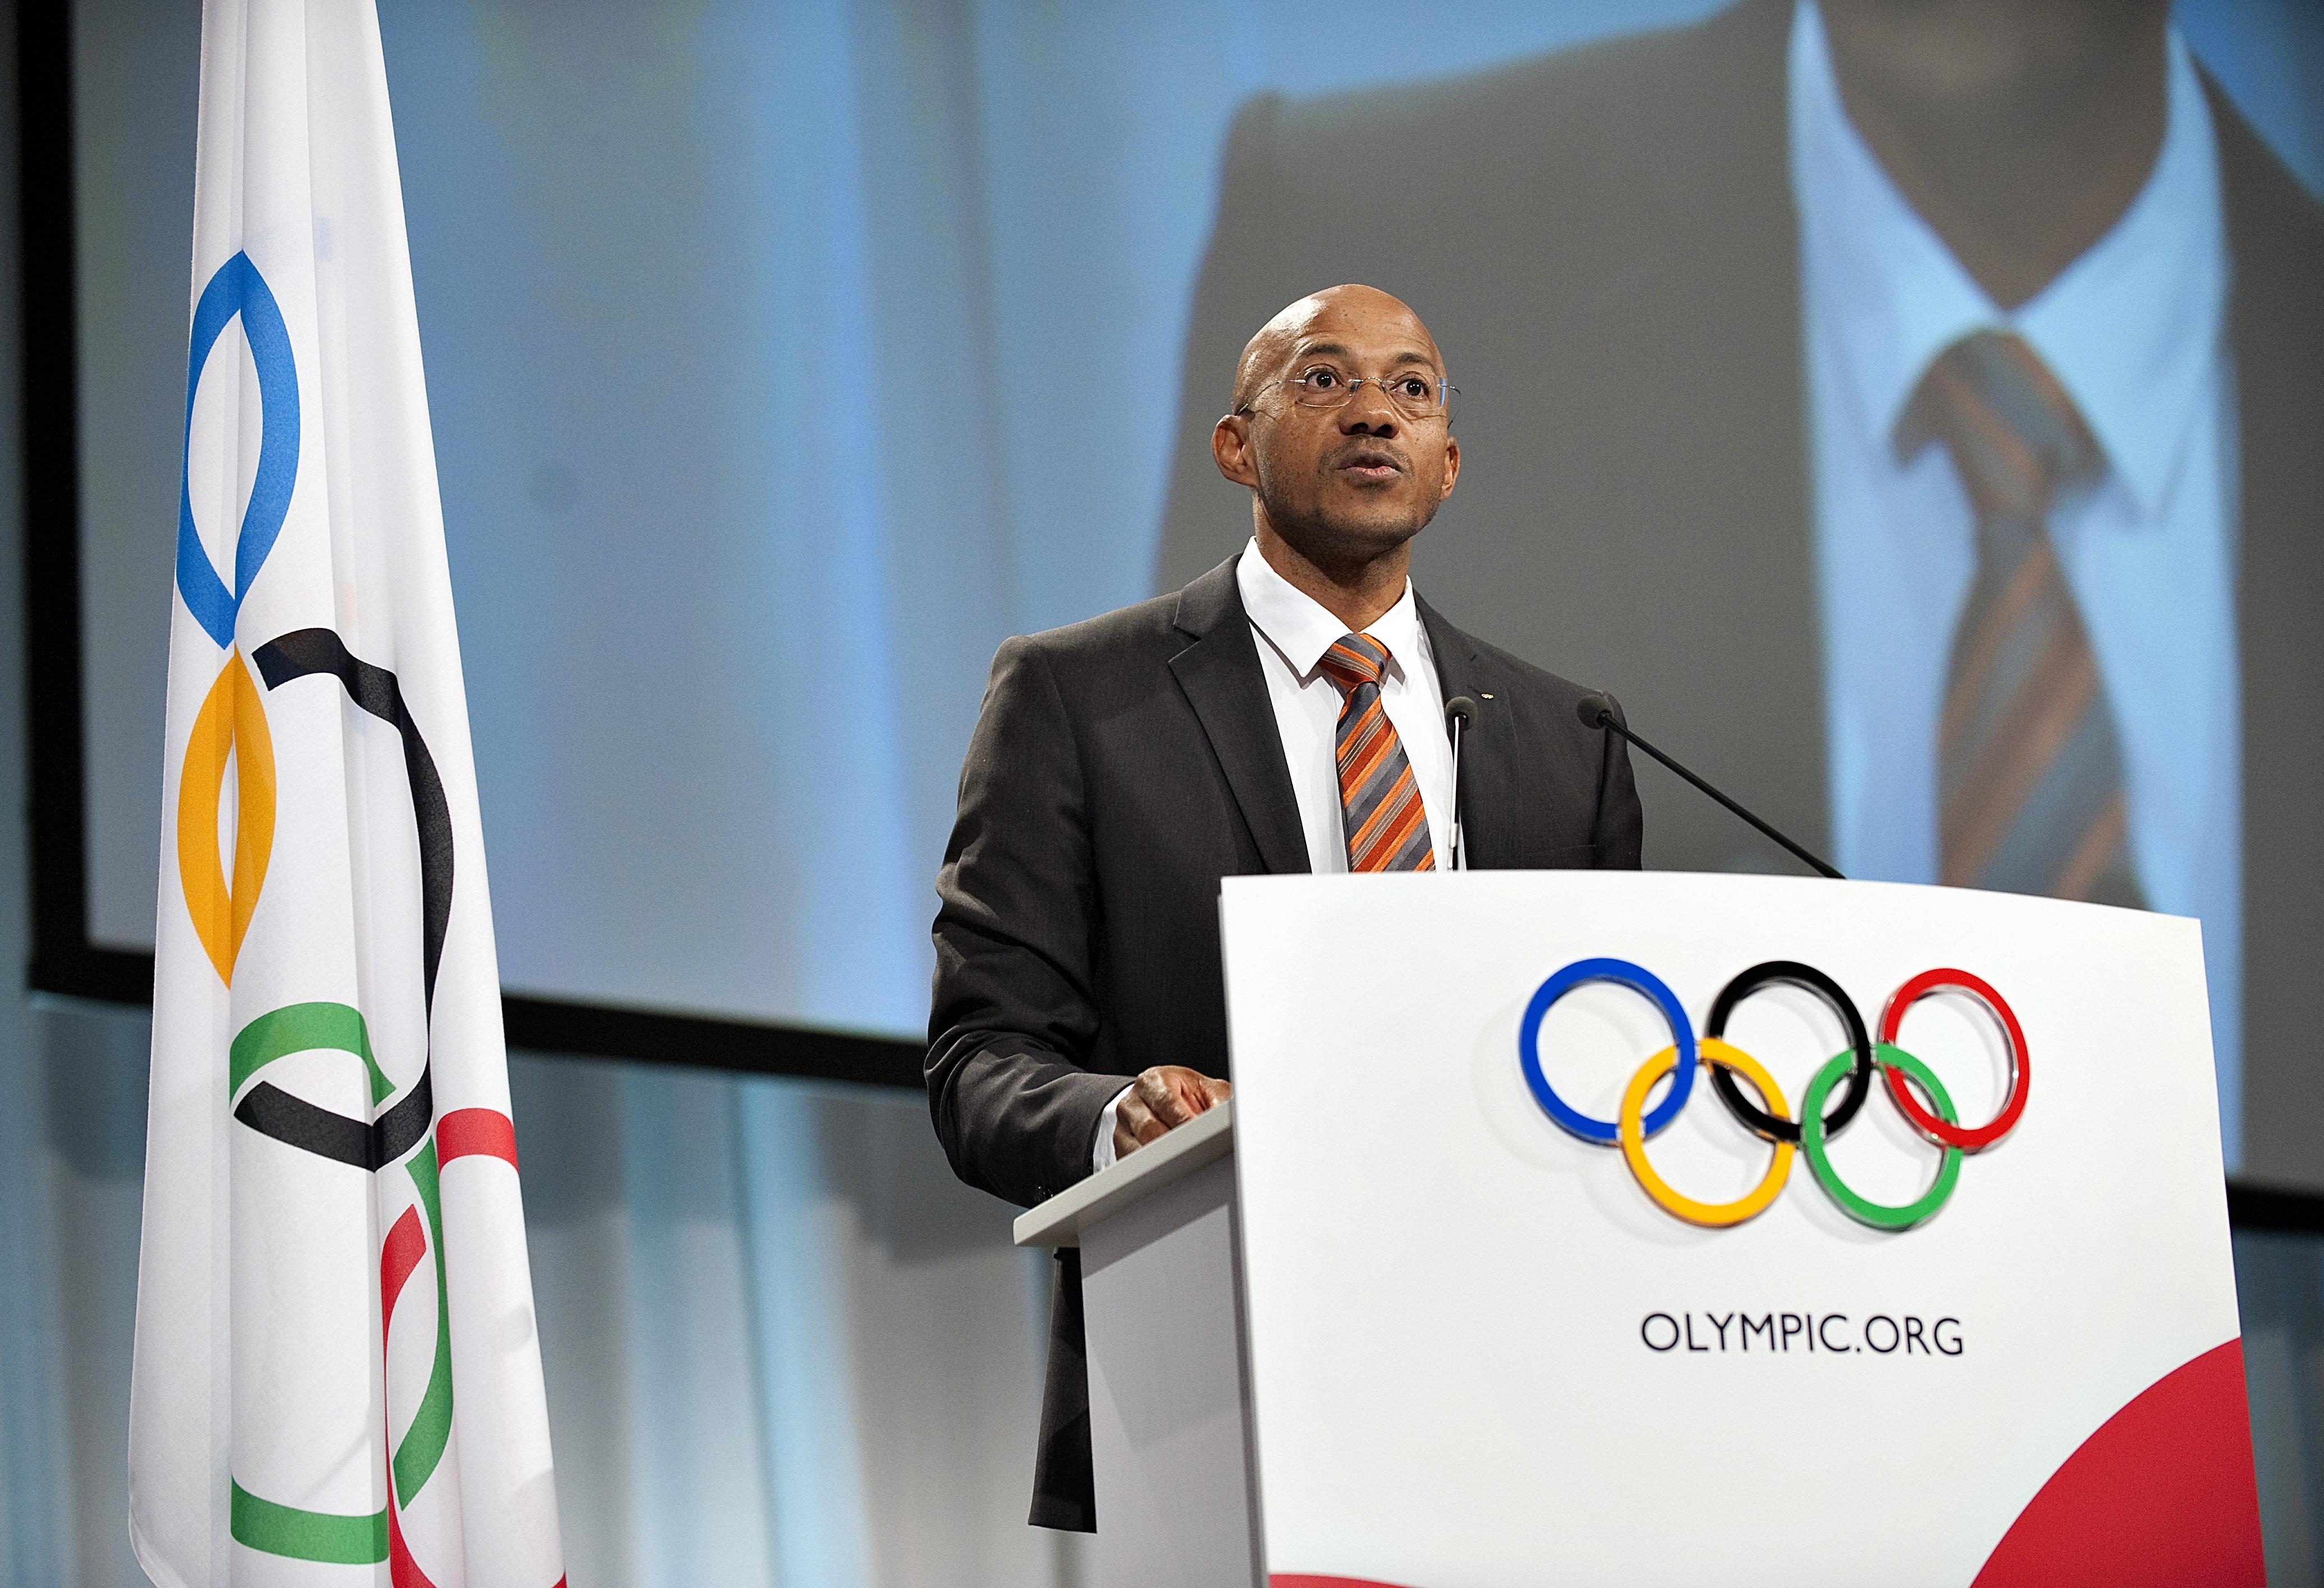 A korrupciós vádak miatt a Nemzetközi Olimpiai Bizottság felfüggesztette Frankie Frederickset